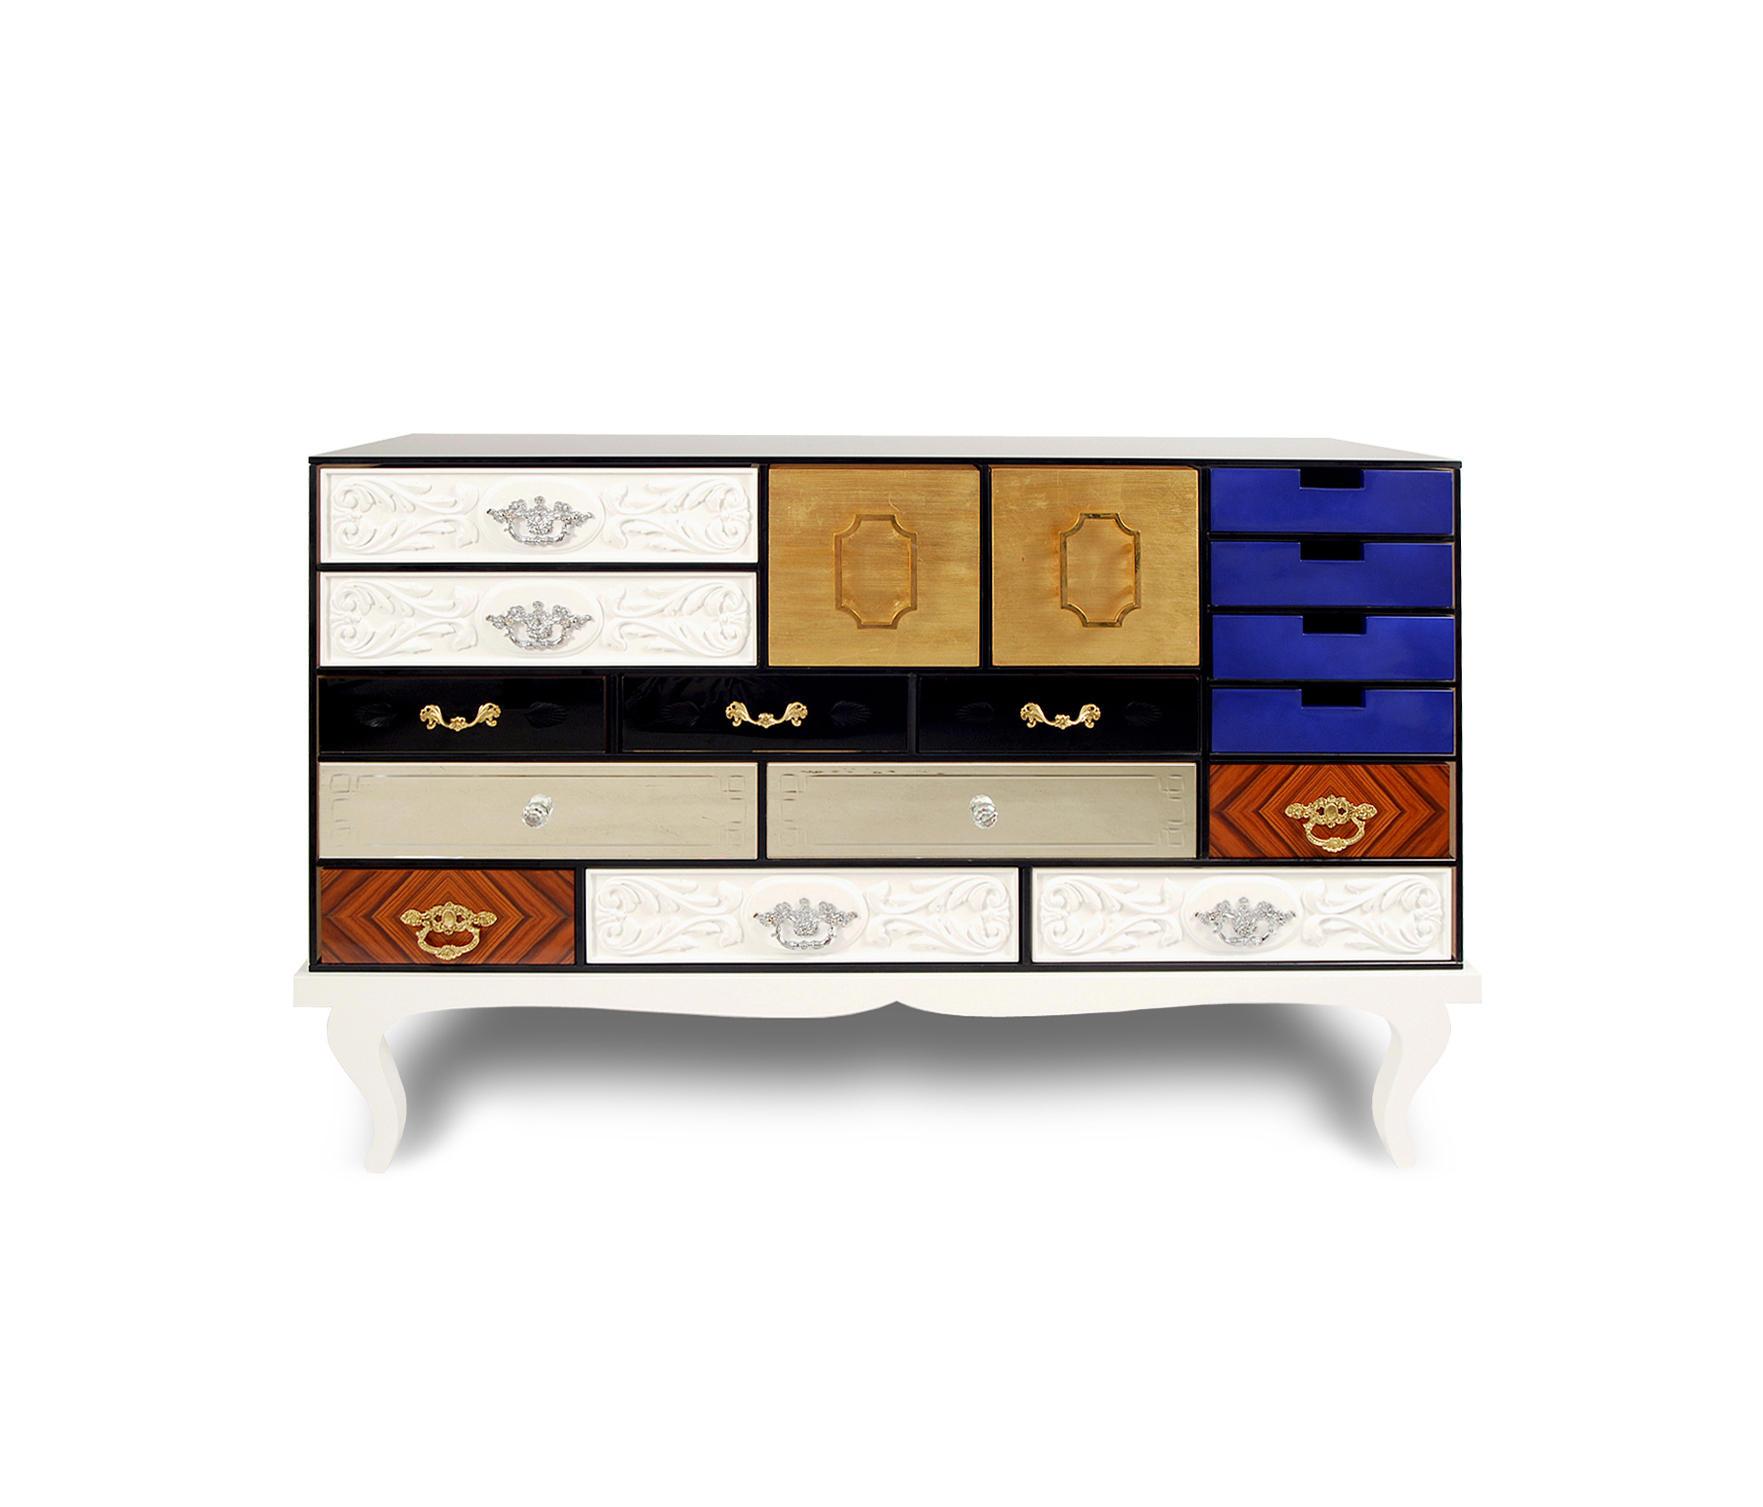 sideboard kche good badspiegel with sideboard kche interesting elegant highboard sideboard. Black Bedroom Furniture Sets. Home Design Ideas